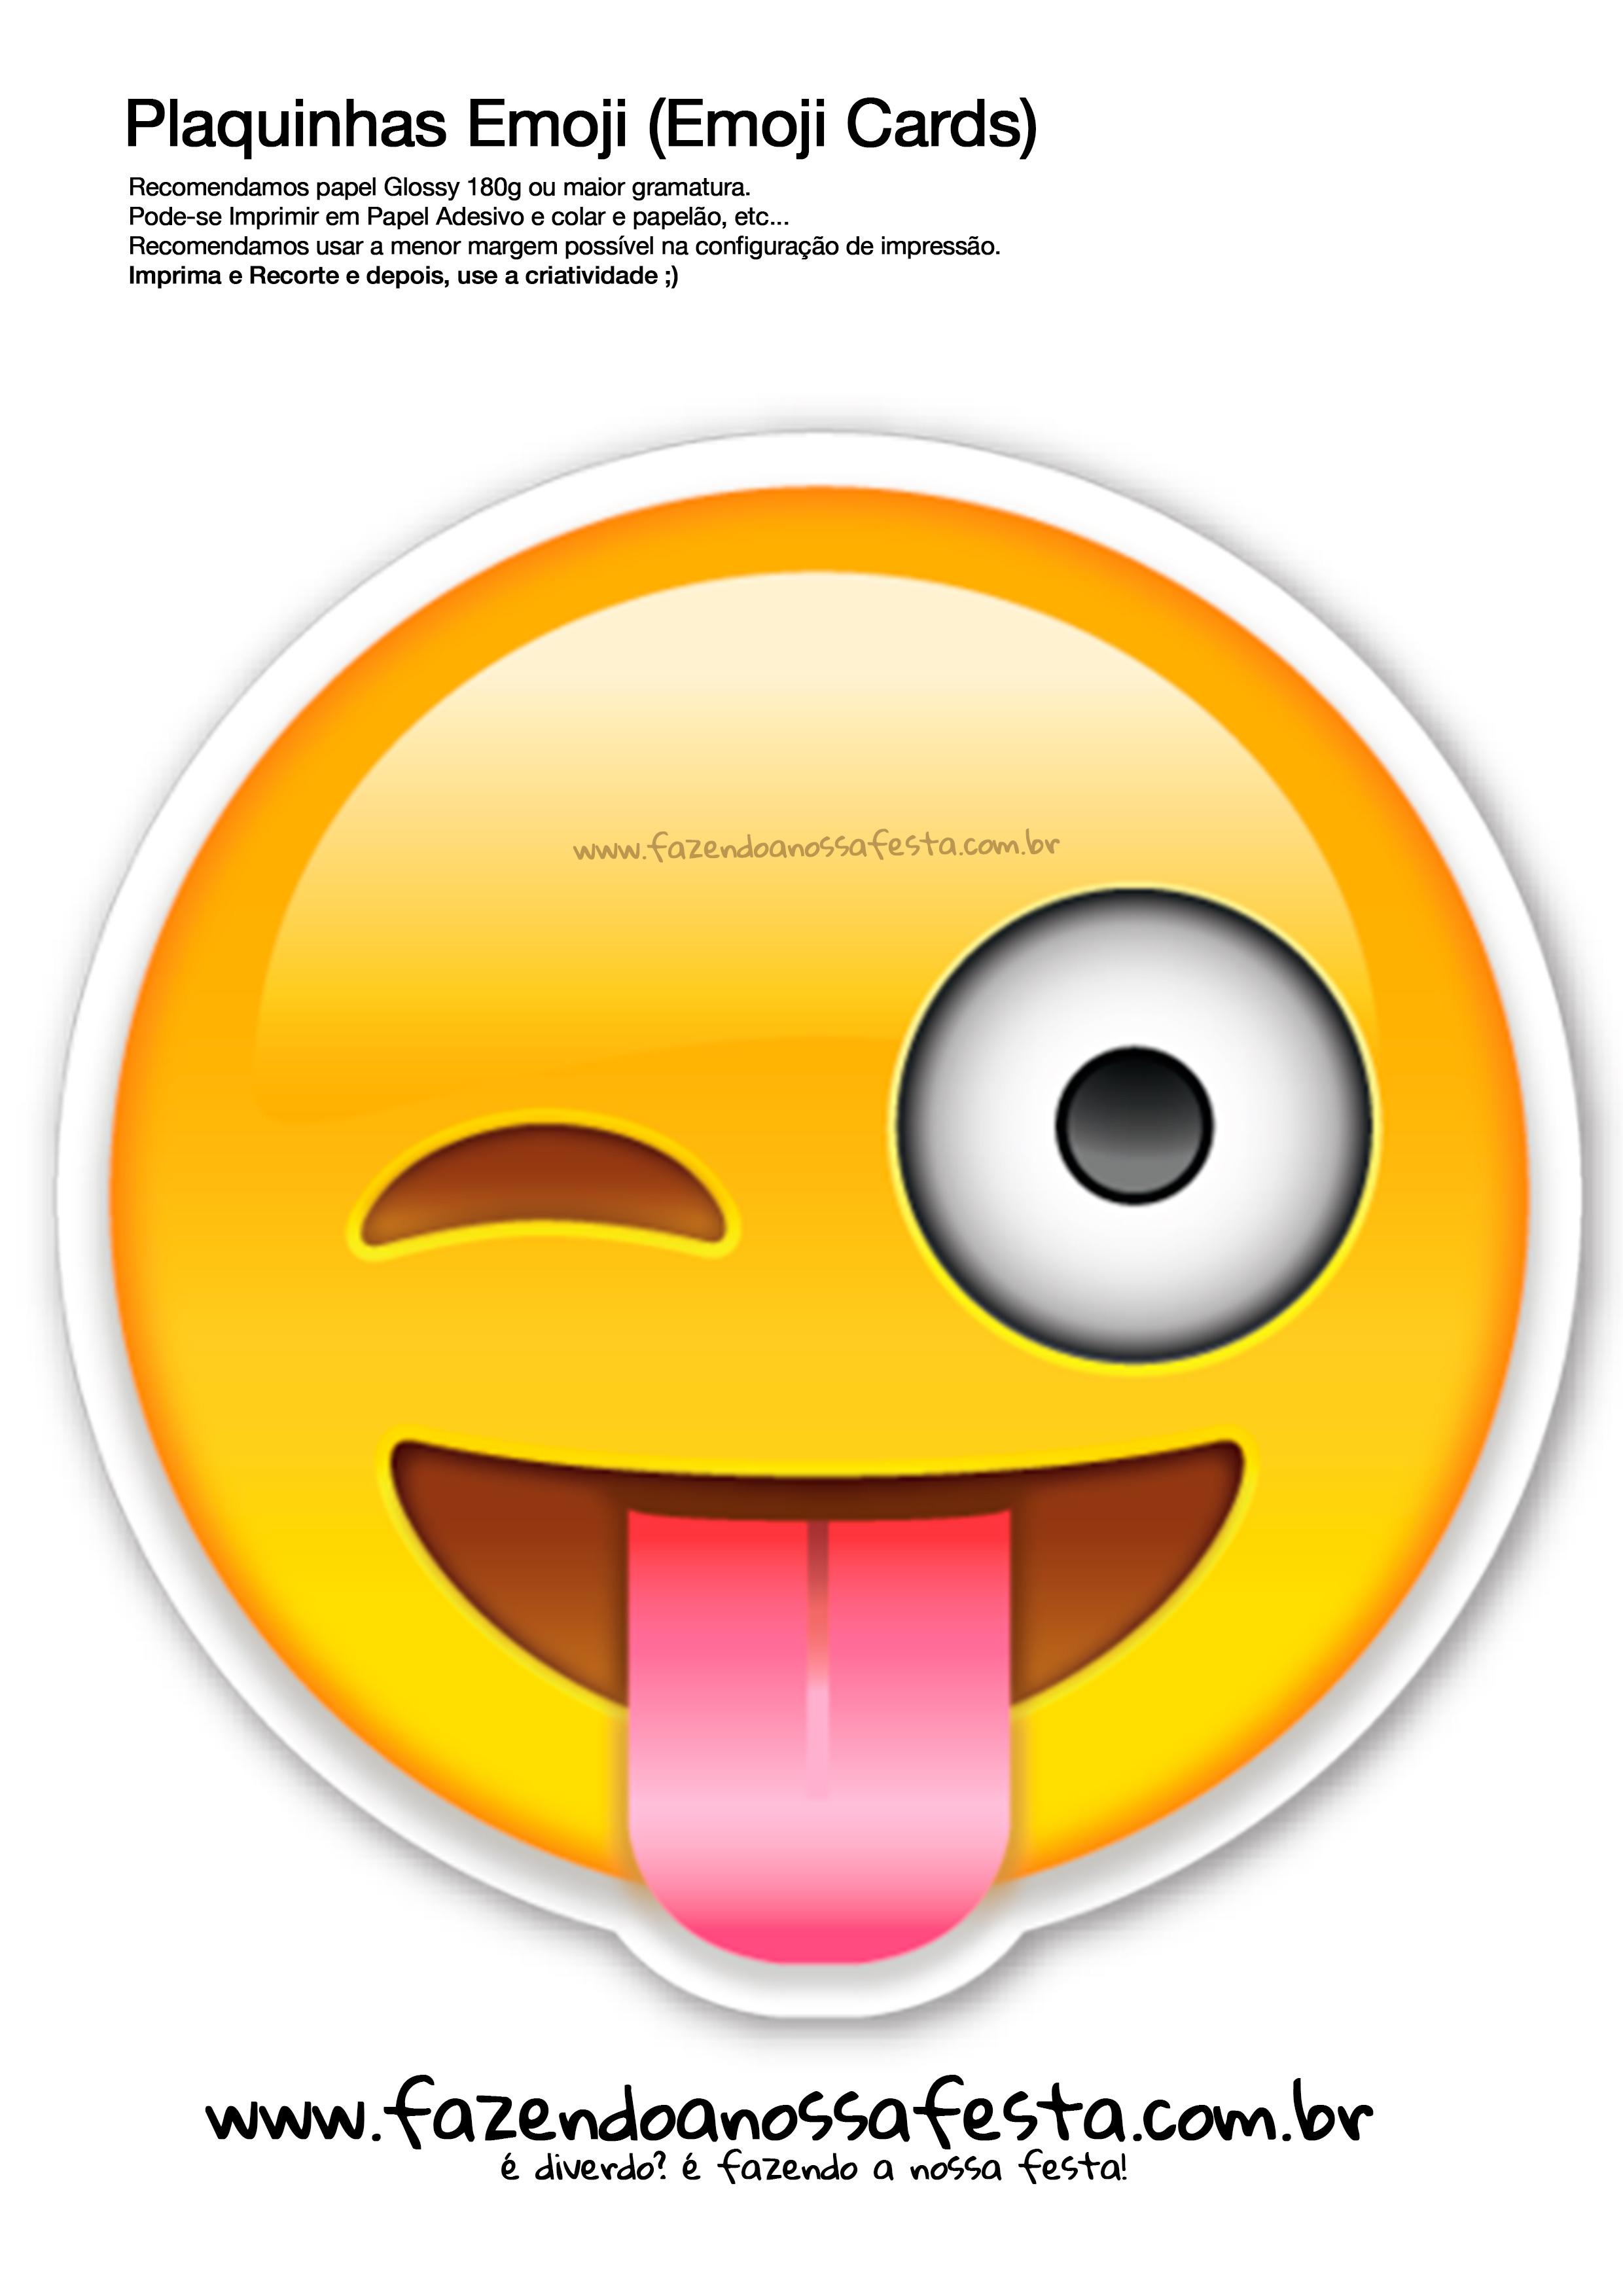 Plaquinhas-Emojis-105-Emoji-Card-Fazendo-a-Nossa-Festa ... Annoyed Smiley Whatsapp